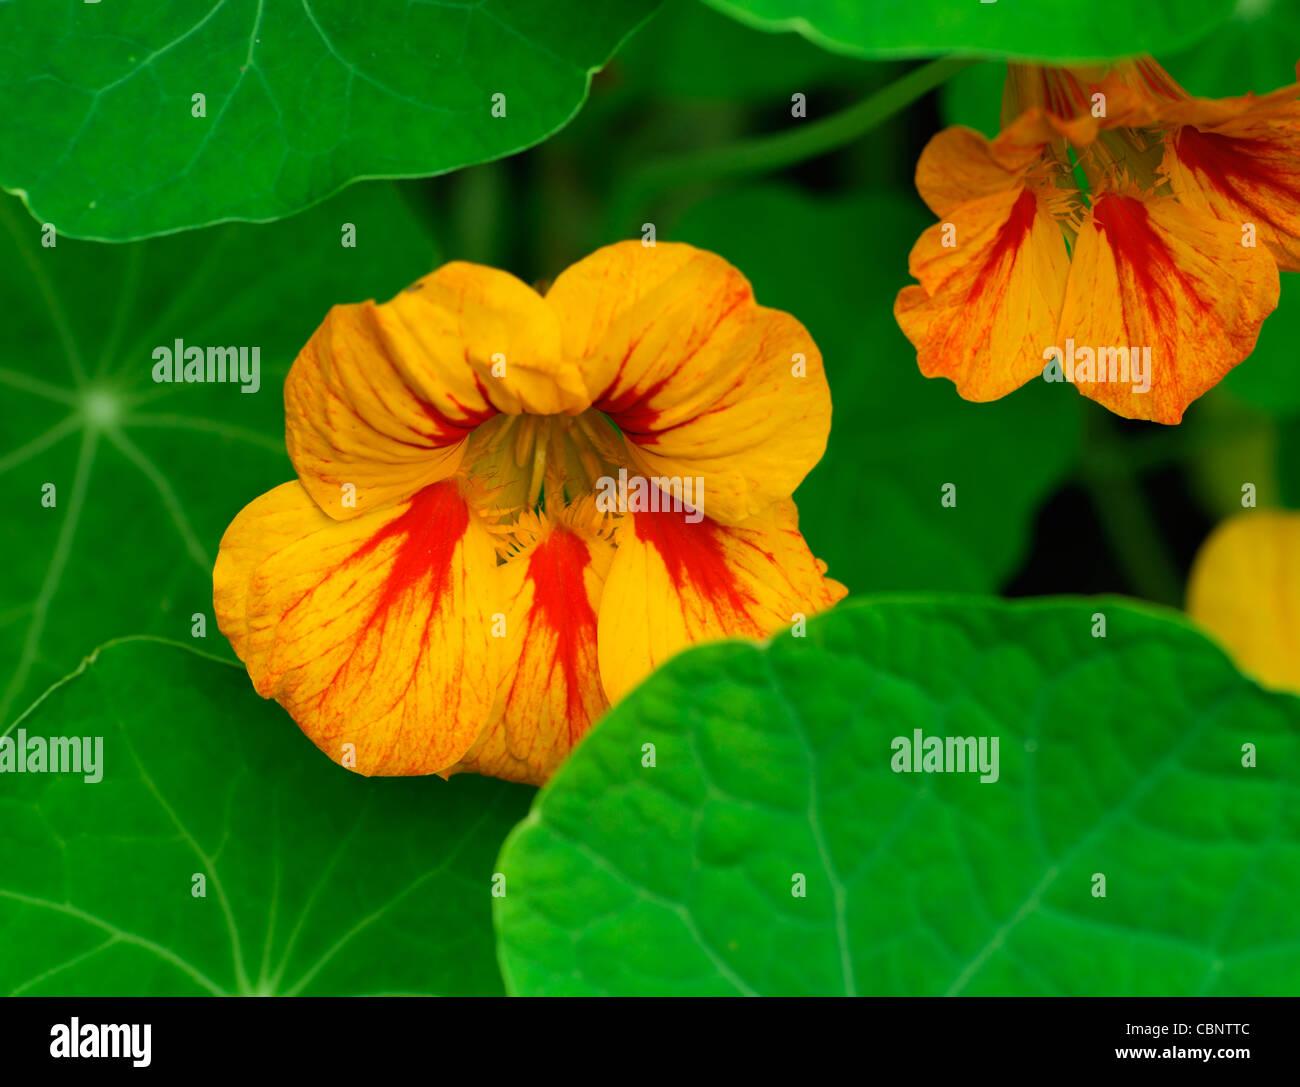 Welche Blumen Blühen Im September kapuzinerkresse tropaeolum rot orange gelb bunt bunte helle blumen